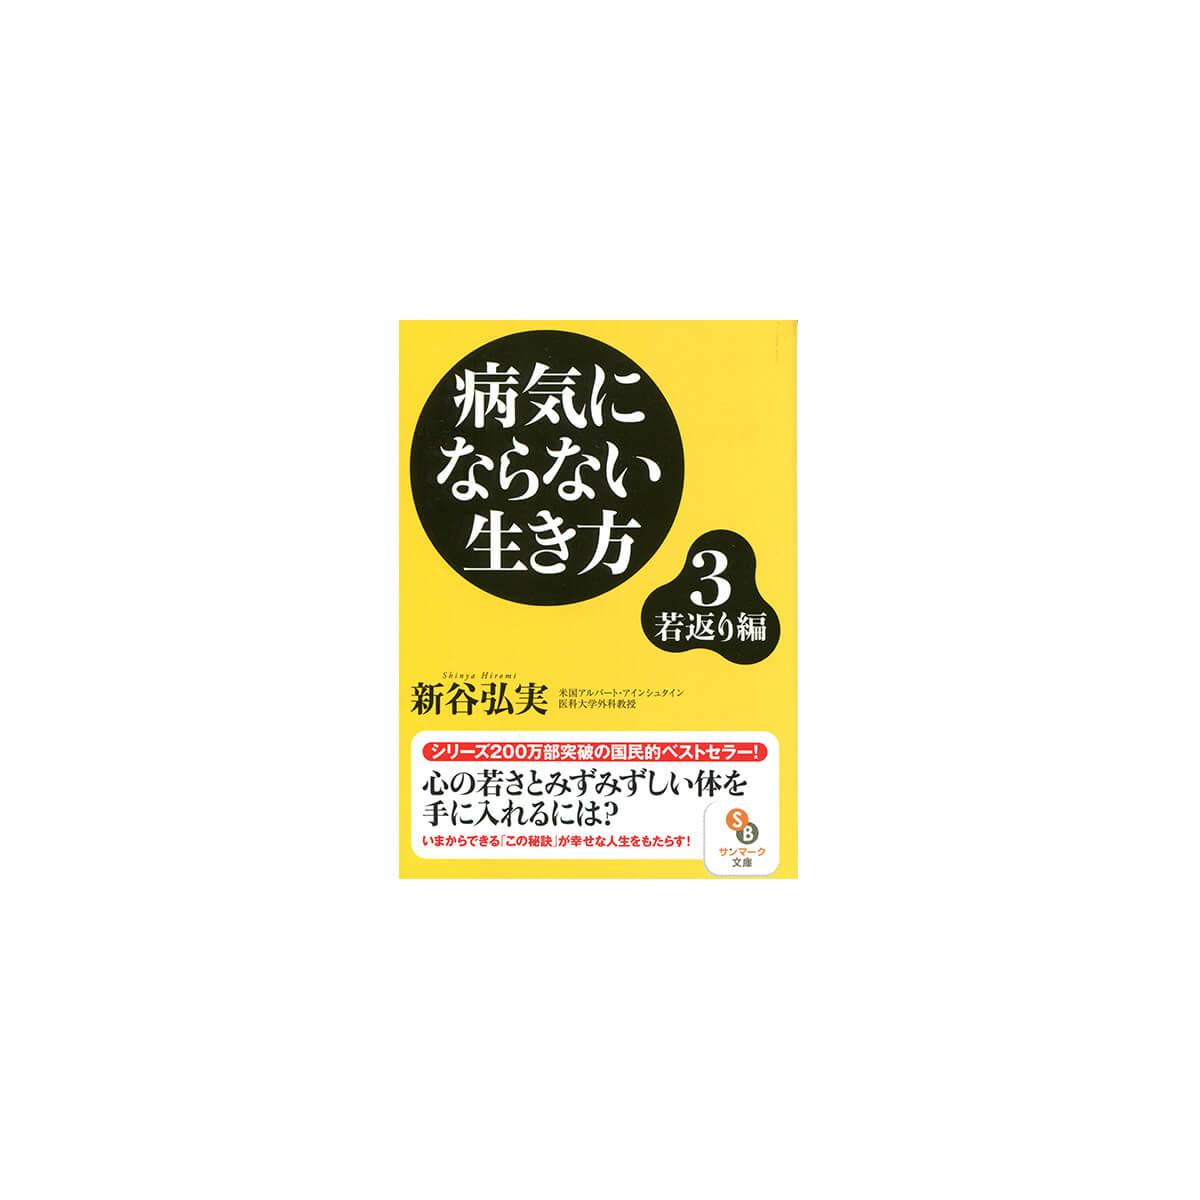 (文庫)病気にならない生き方3 若返り編 新谷弘実(発行:サンマーク出版)